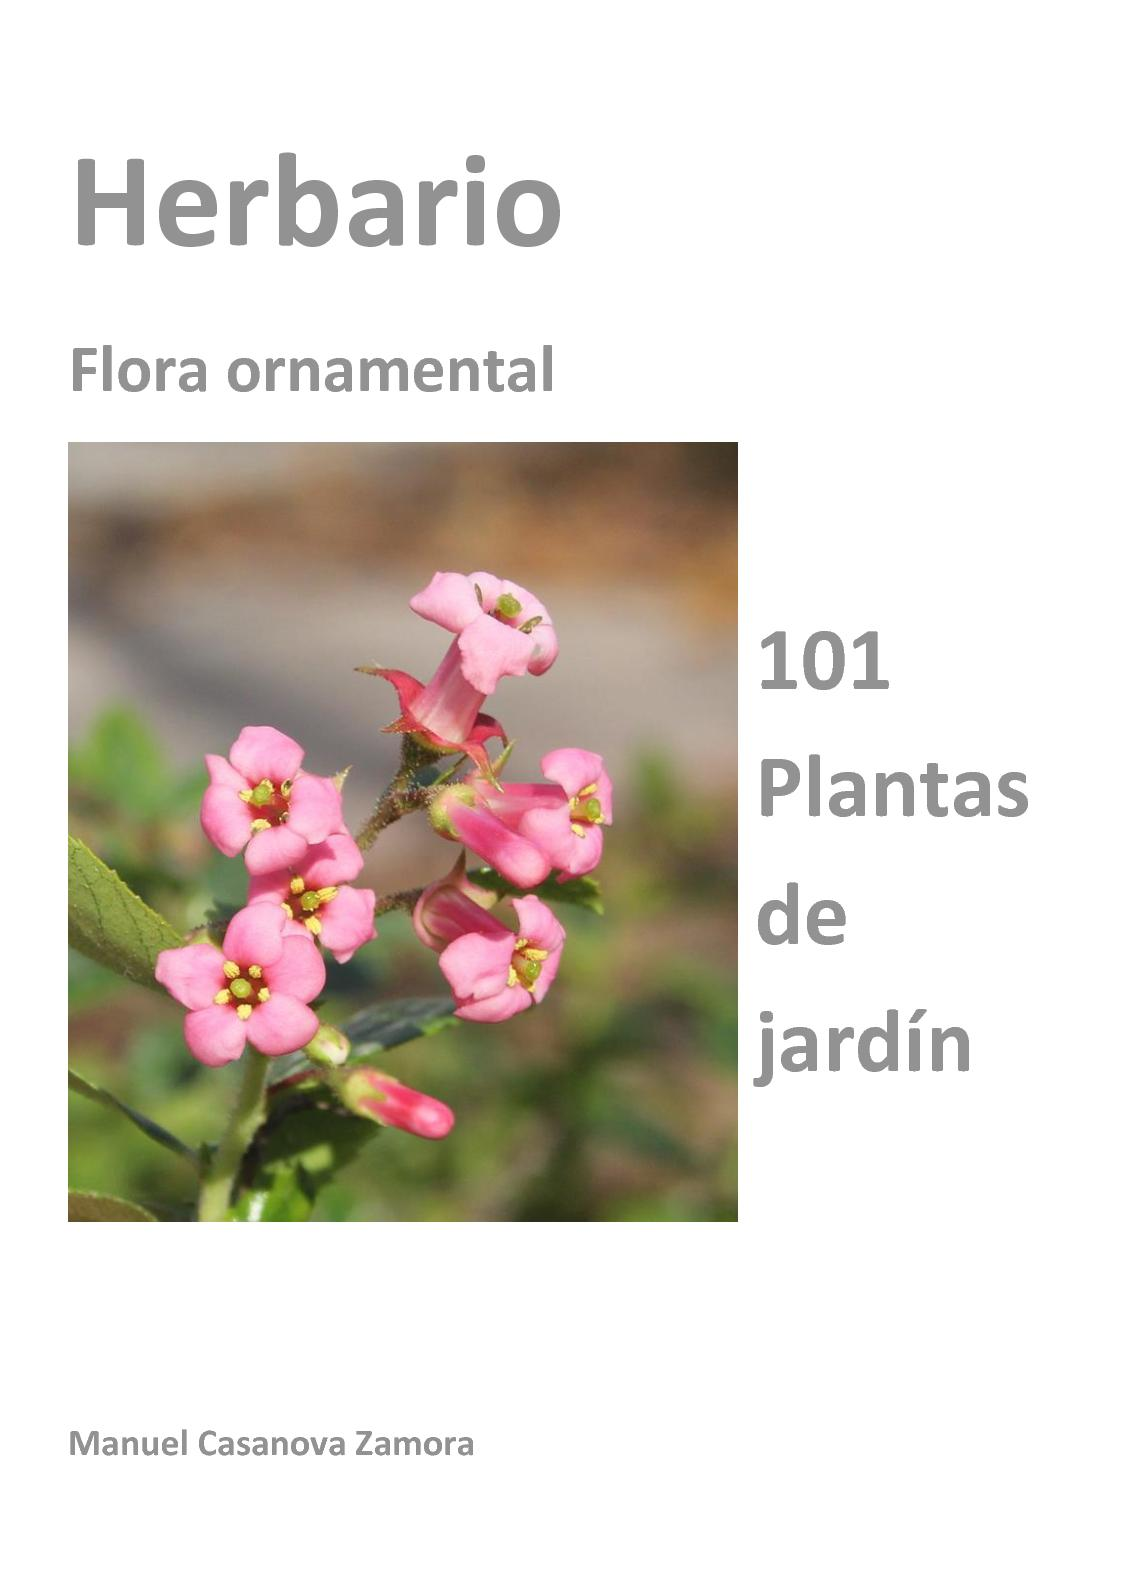 f5ad997e9704 Calaméo - Herbario Ornamentales 101 Plantas De Jardín